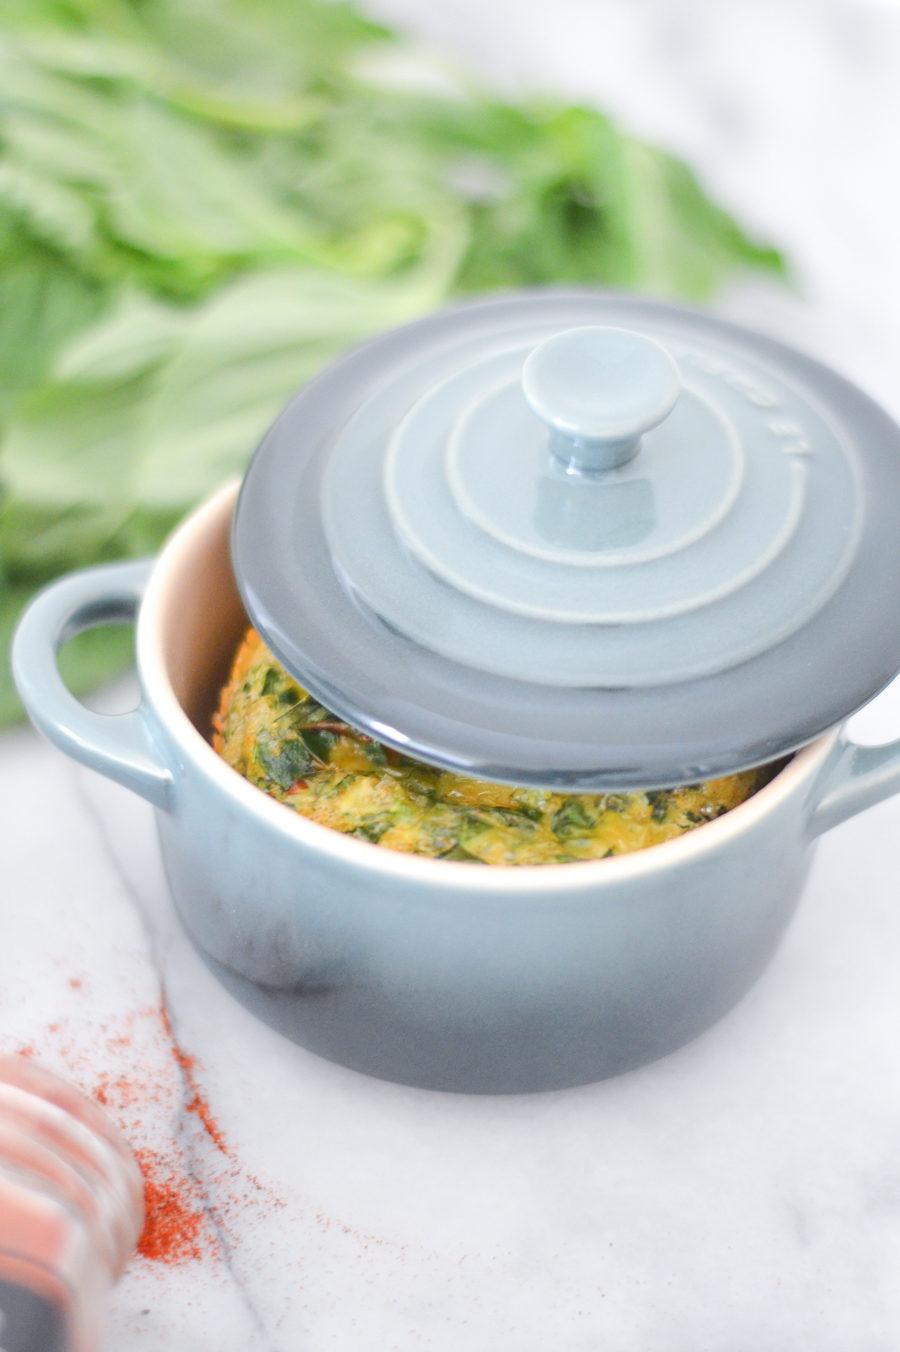 Basil + Greens Egg Soufflé